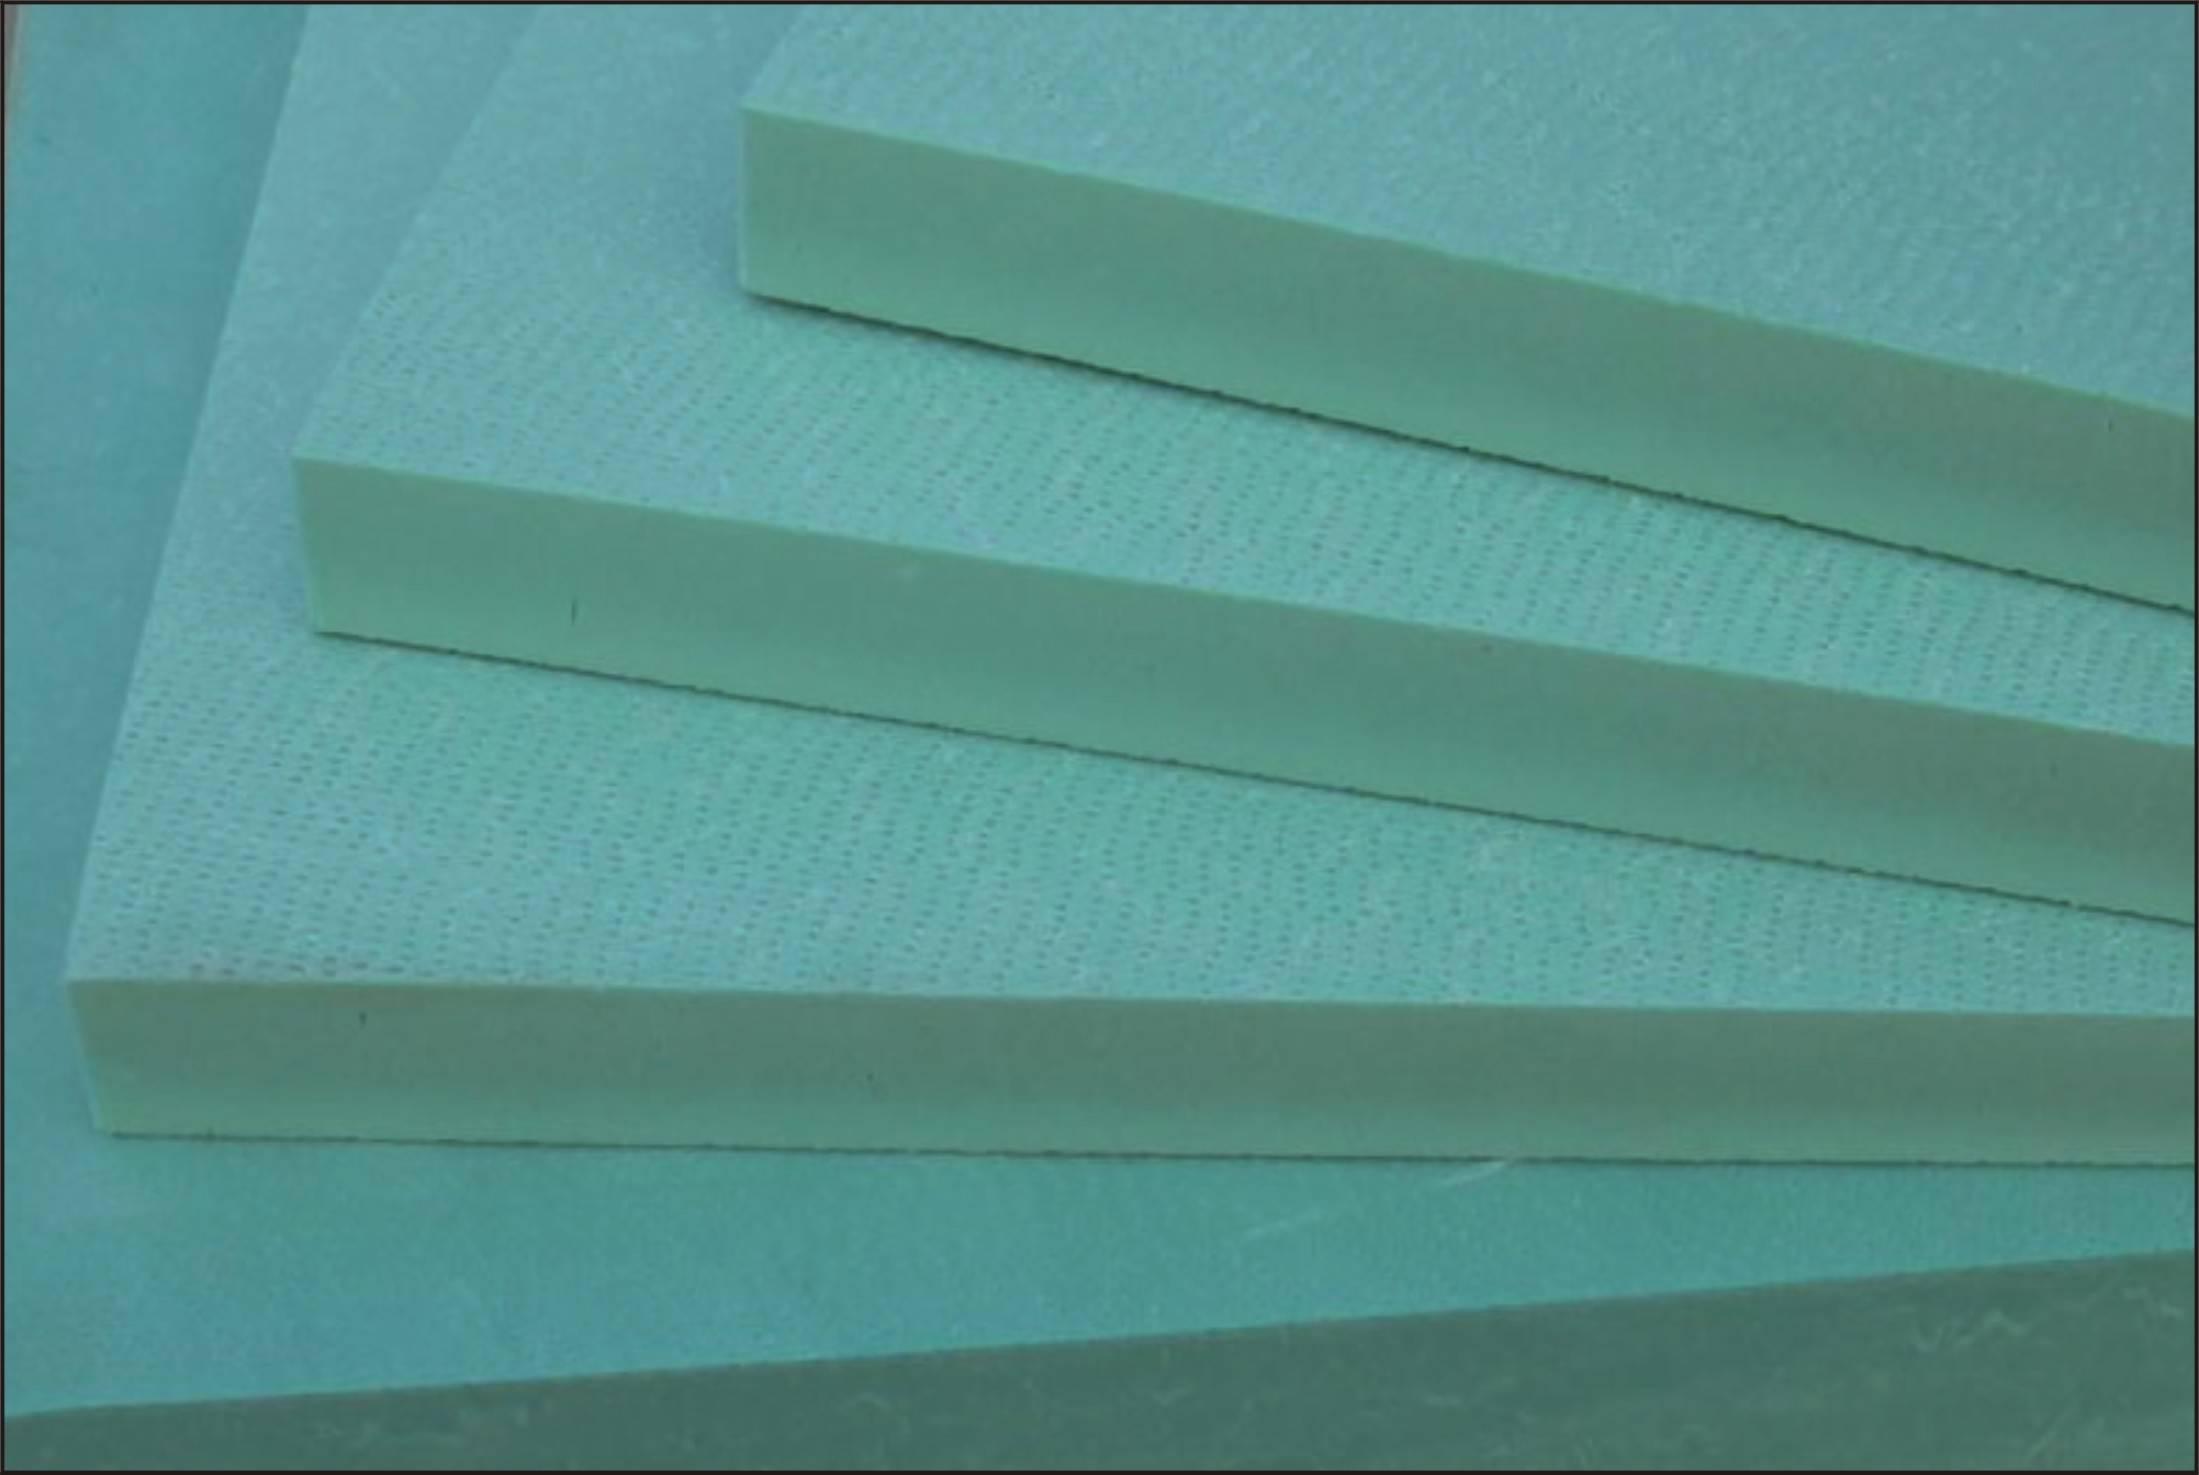 煙臺擠塑板直銷_想買靠譜的擠塑板就到宏順達新型材料